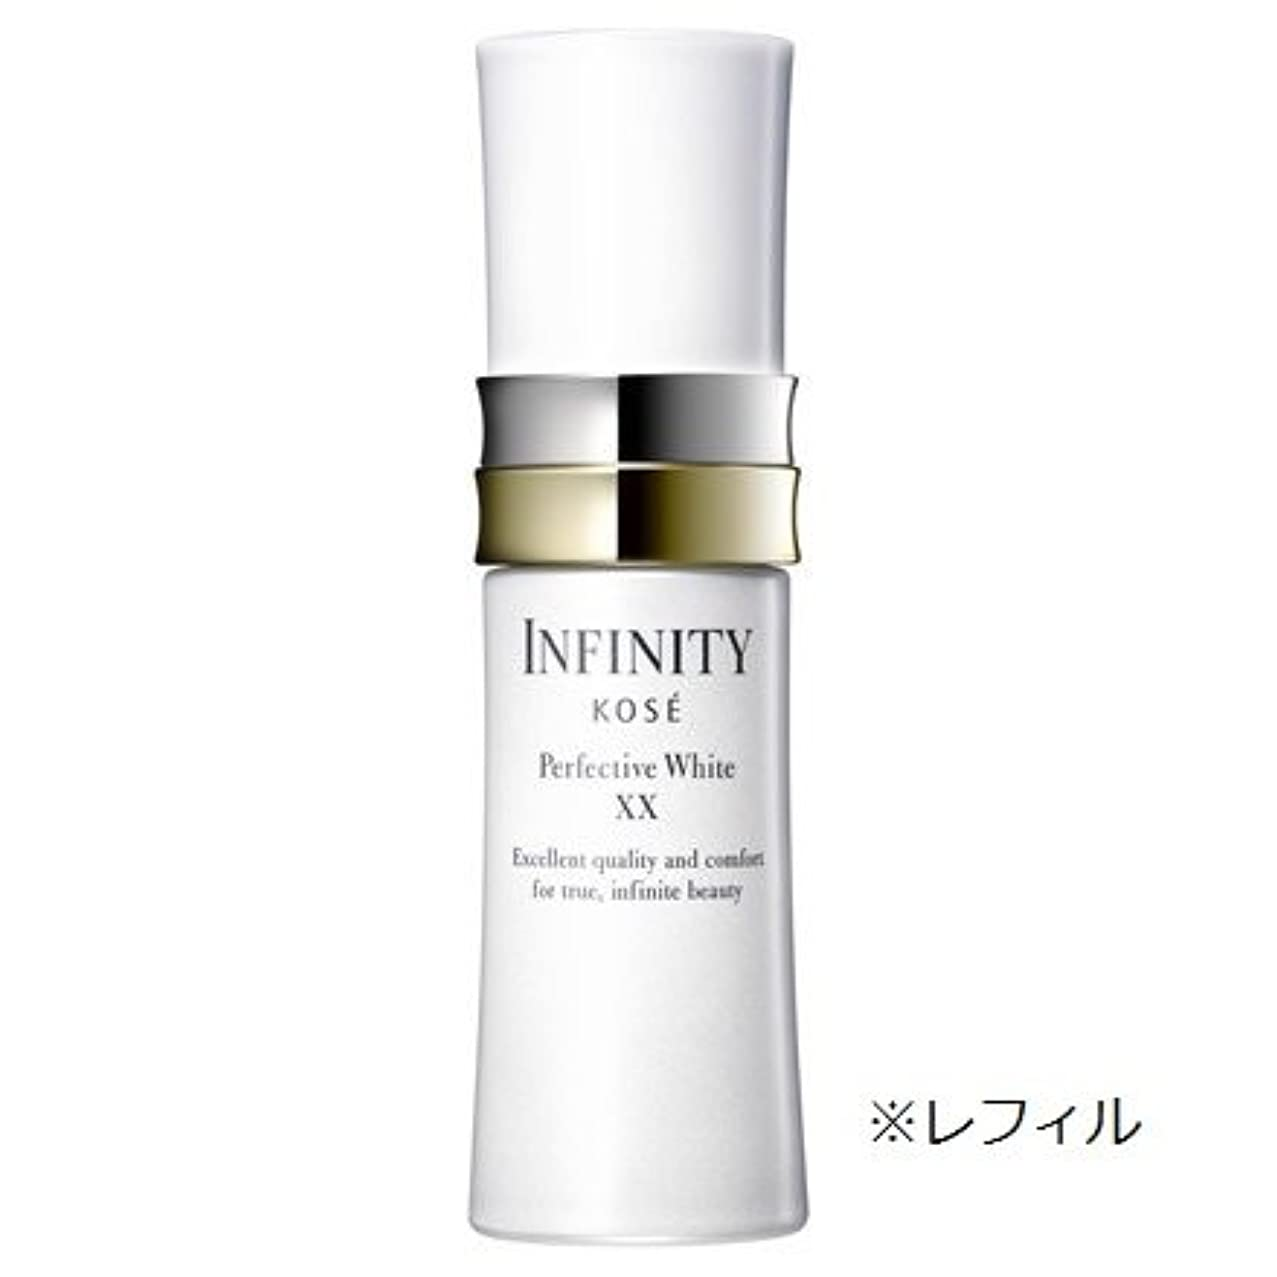 セットアップ意欲願望インフィニティ パーフェクティブ ホワイト XX (美白美容液) 40ml ※付けかえ用